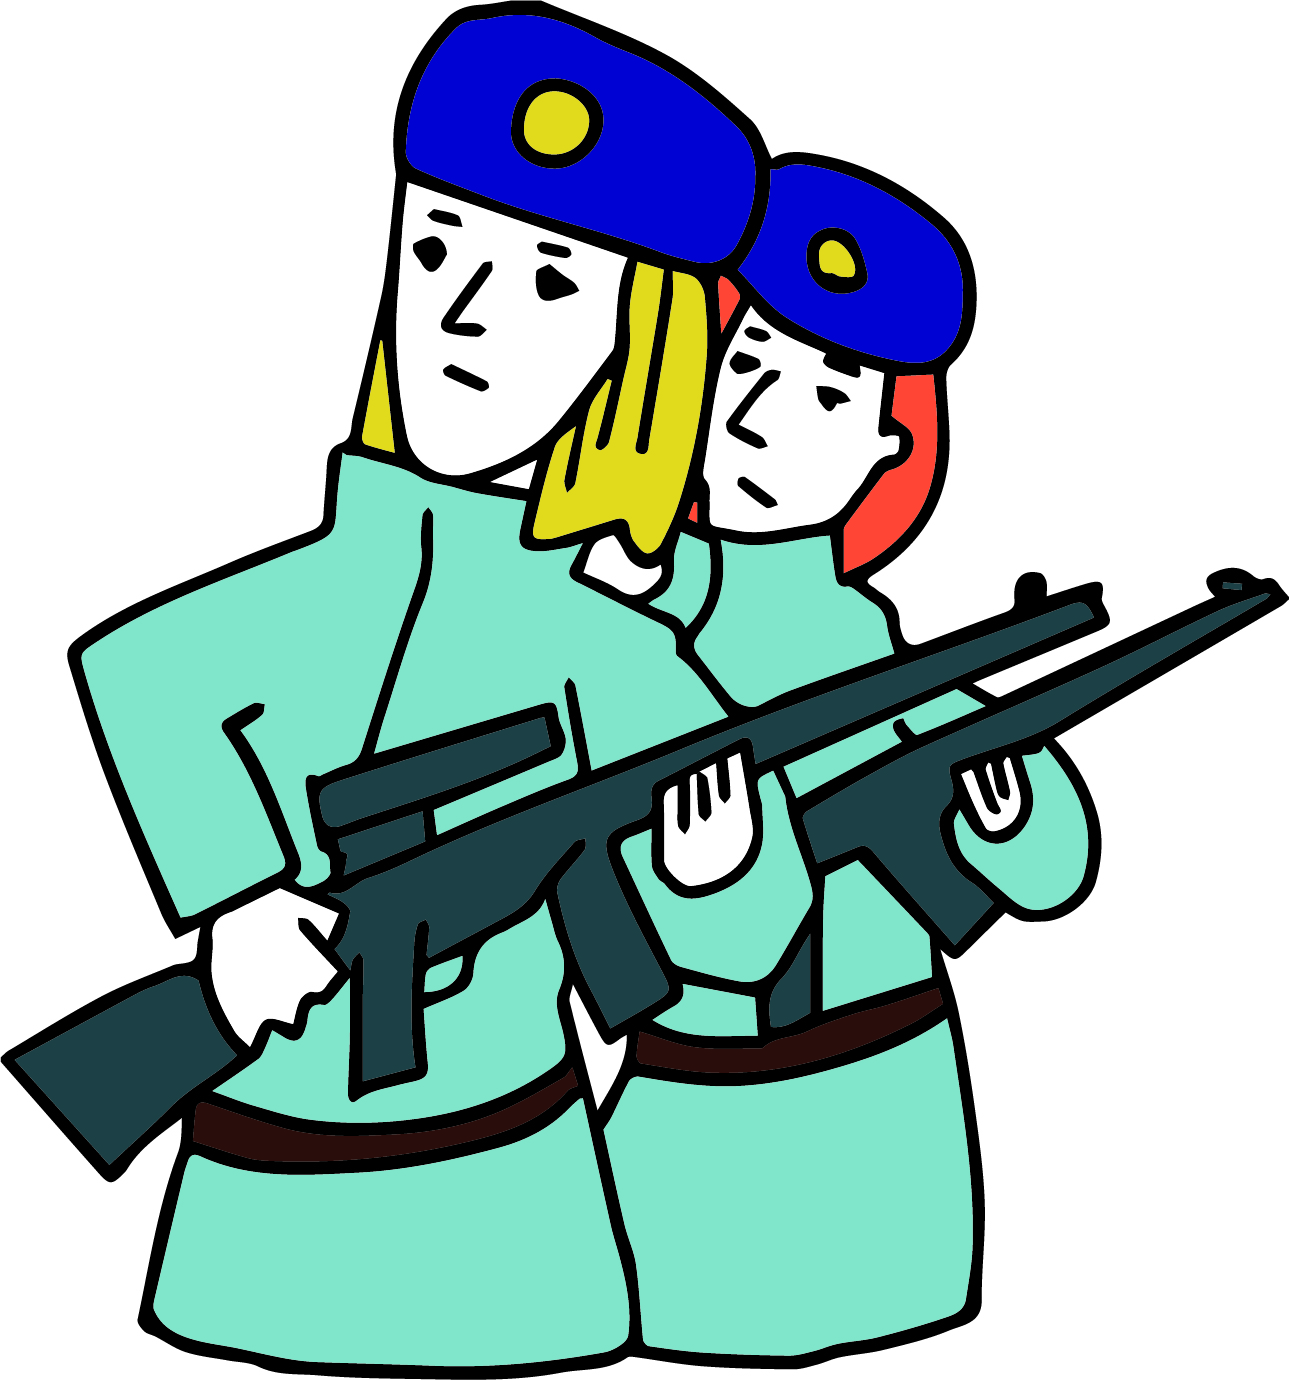 フランスに徴兵制度復活?フランス人のリアルな反応